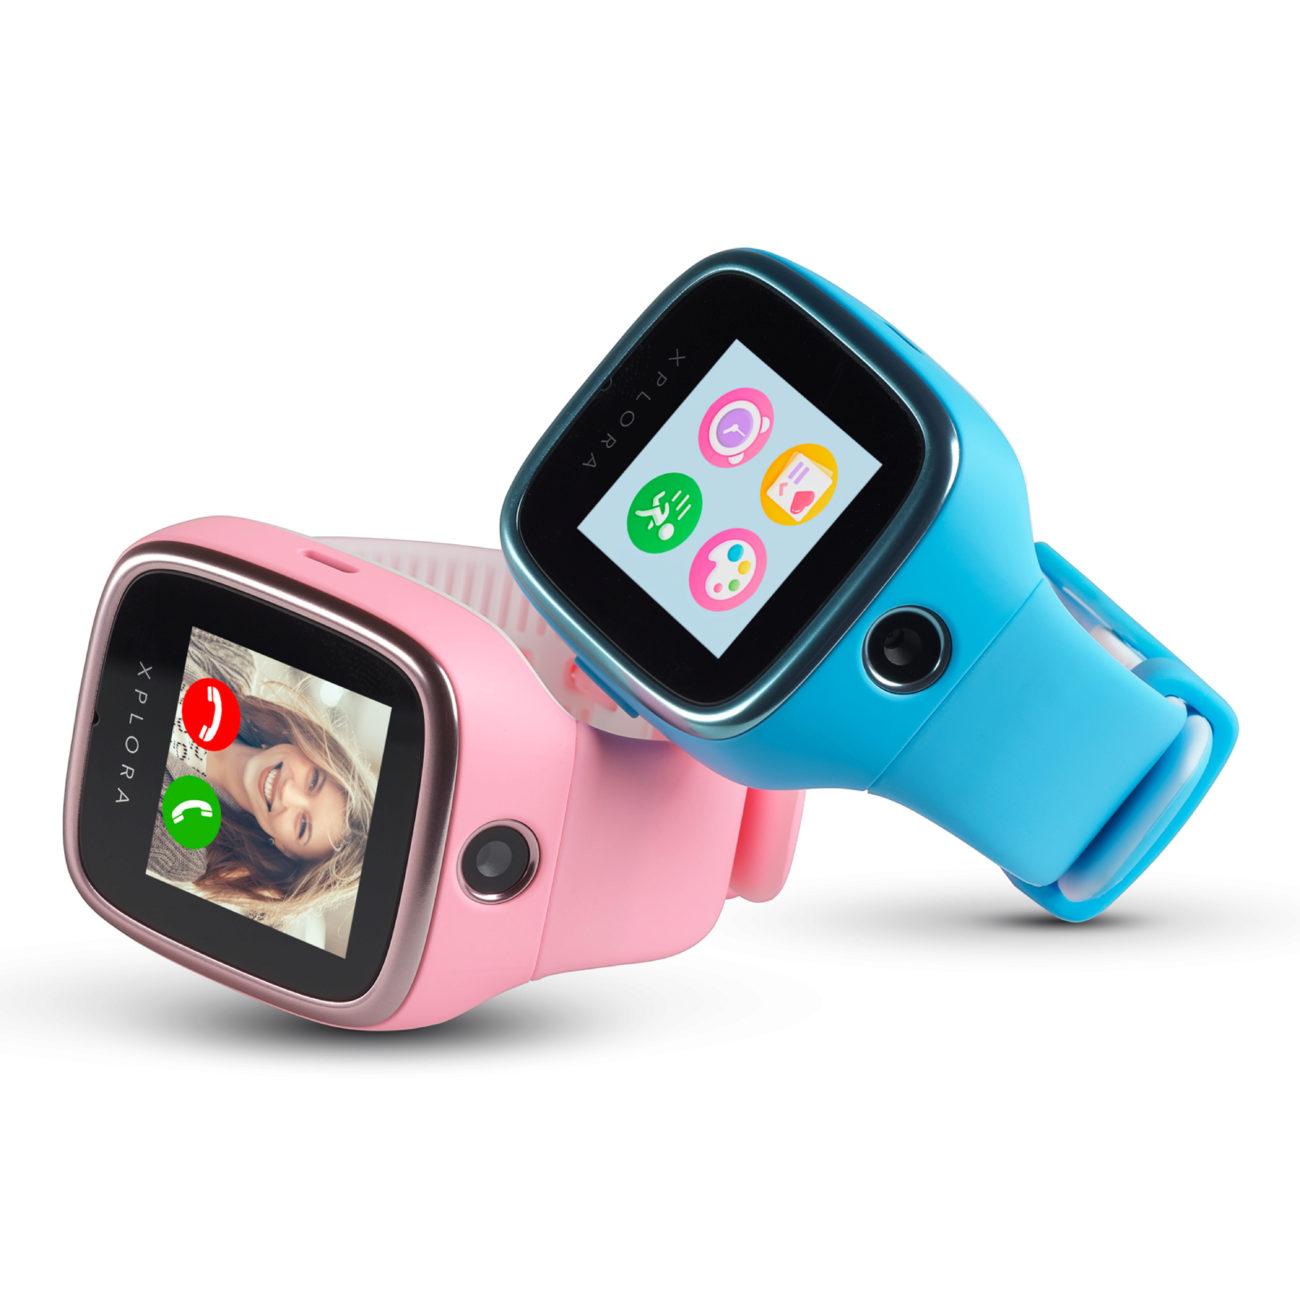 gran descuento 921f6 aedaf XPLORA 3S: el móvil con forma de reloj para niños. Precio ...